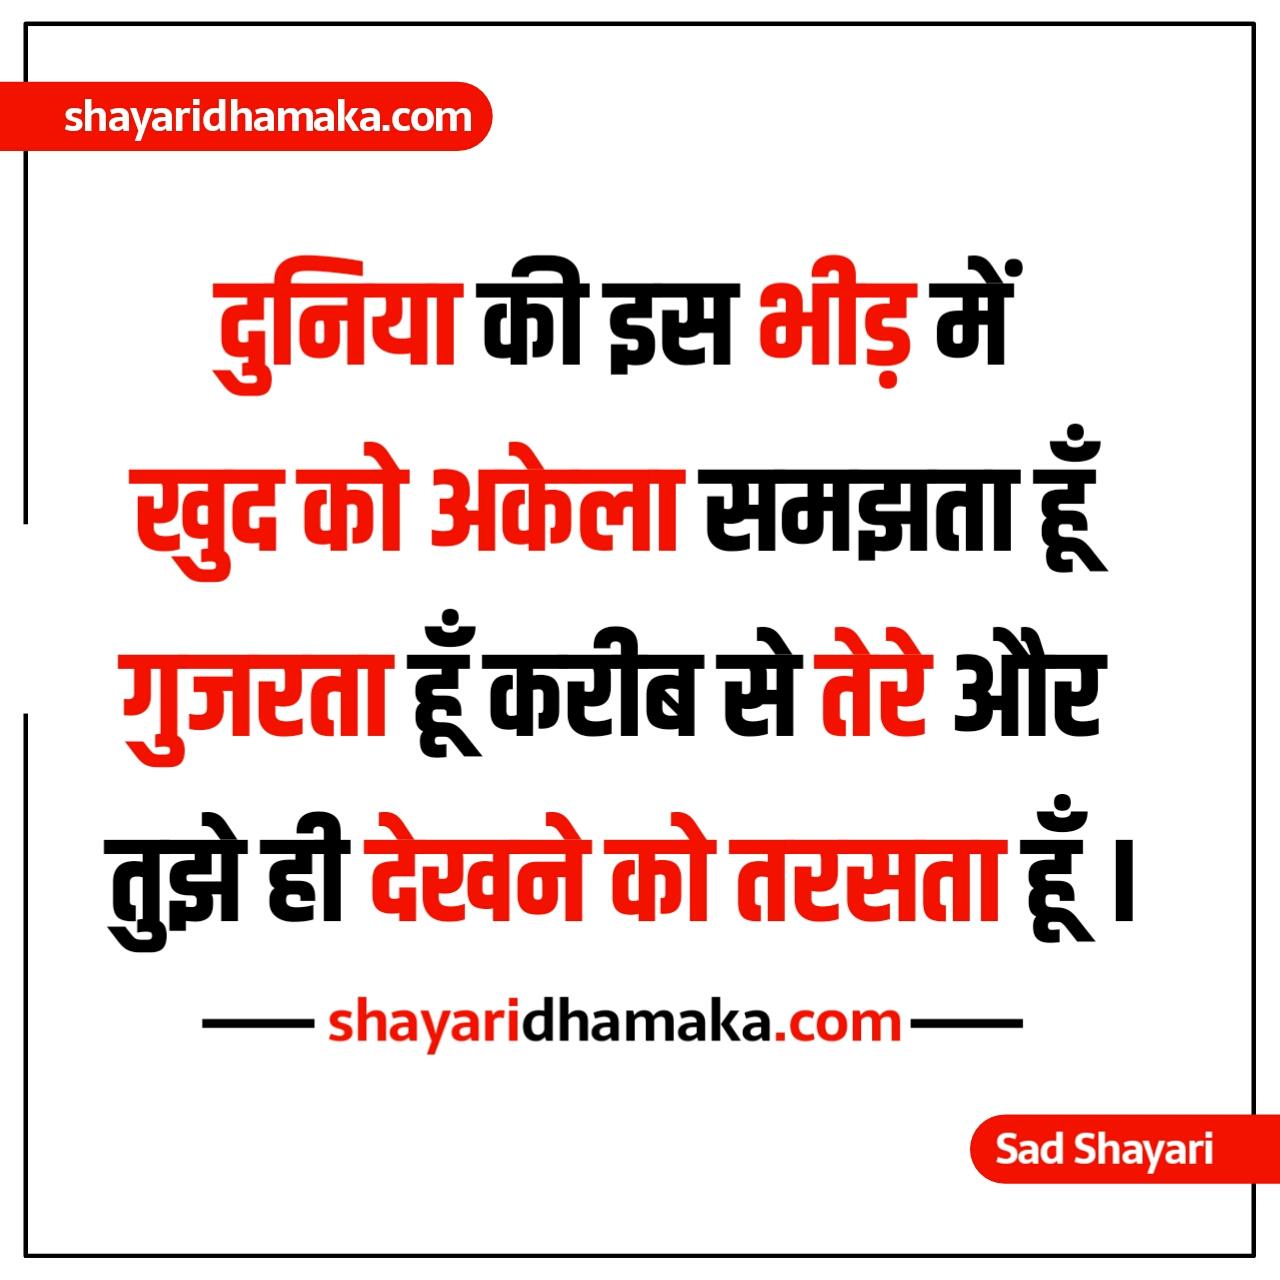 दुनिया की इस भीड़ में - Sad Shayari